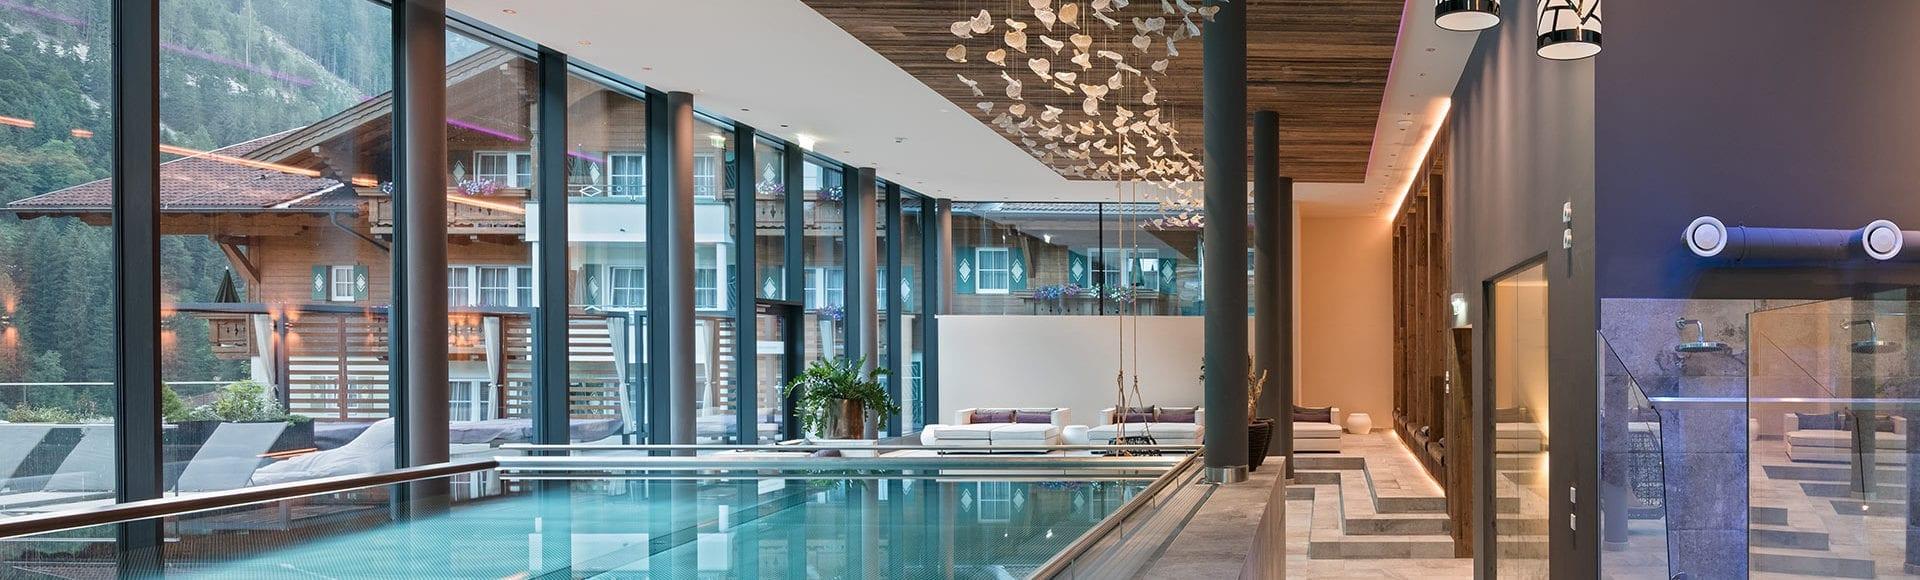 Urlaub buchen - Wellnesshotel Lürzerhof